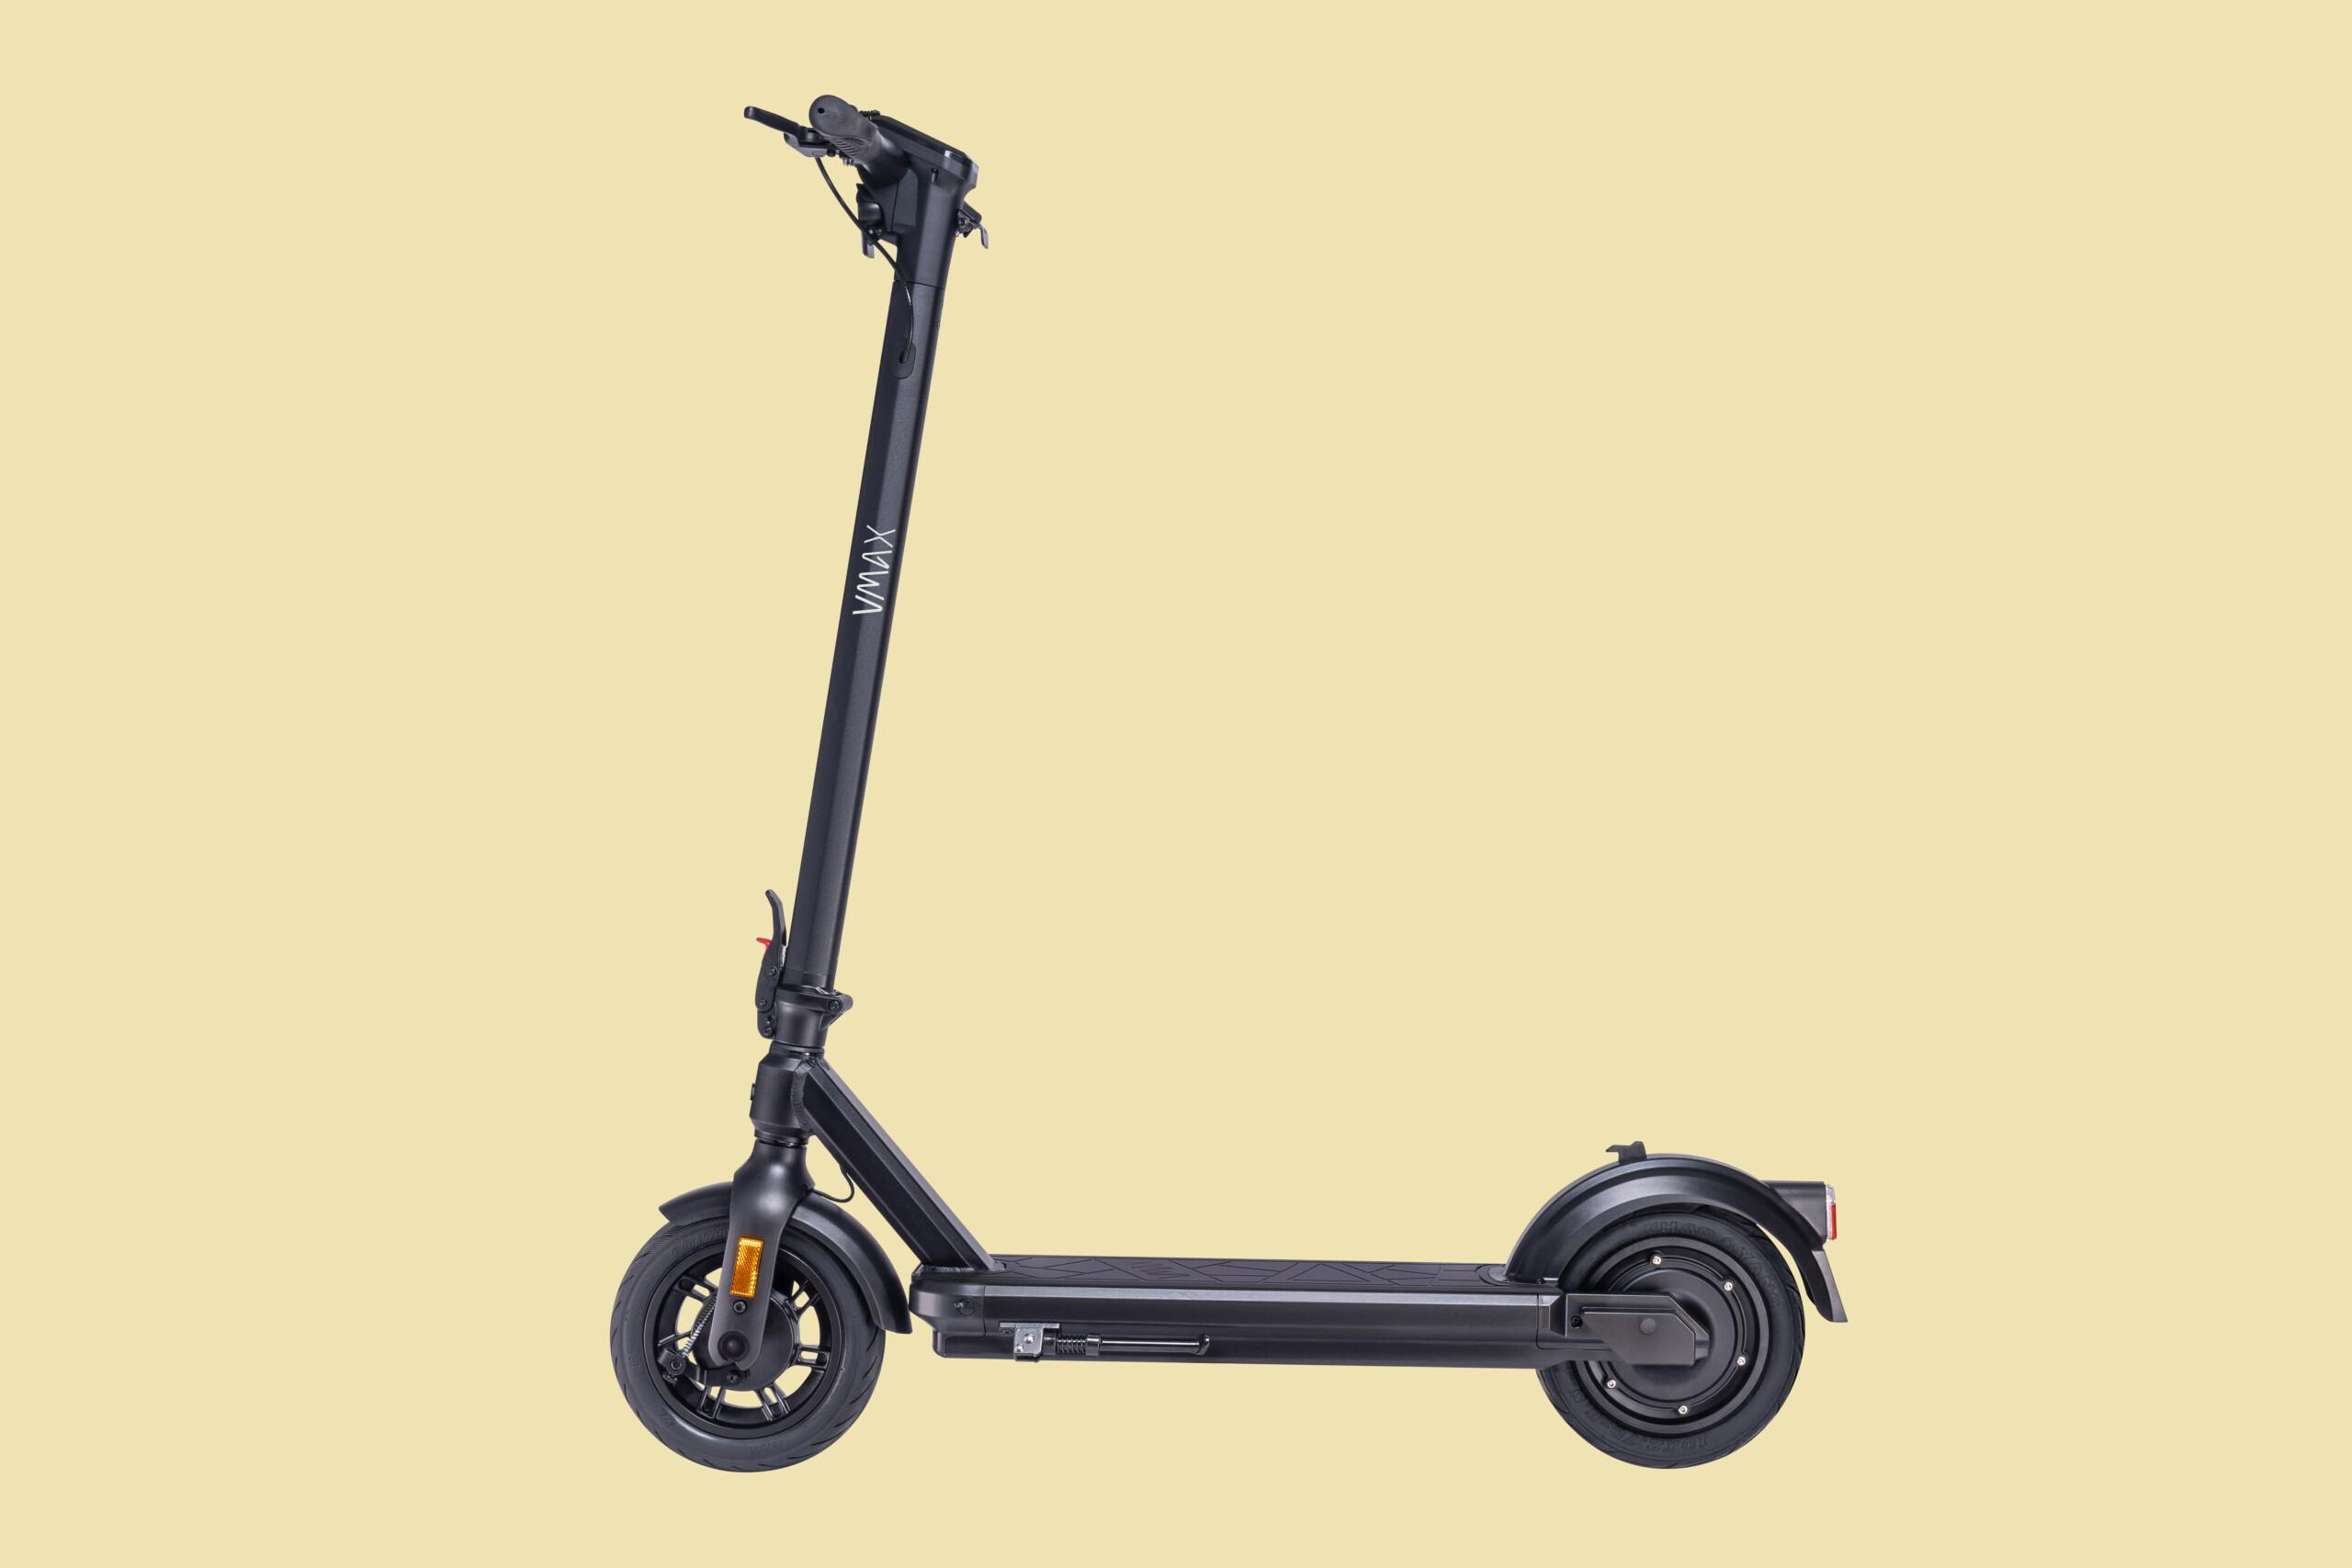 Freigestellter E-Scooter von VMAX